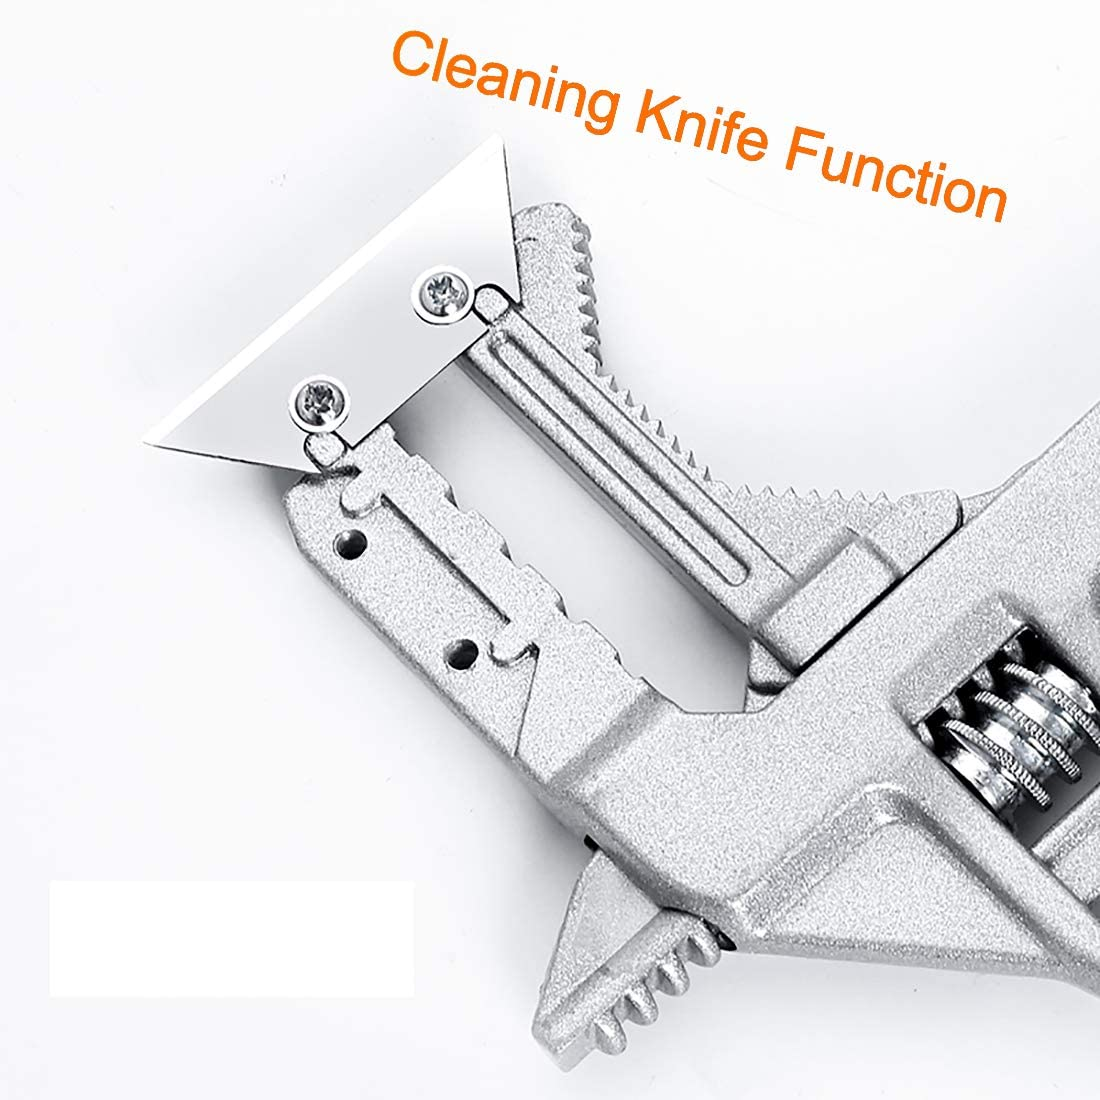 verstellbares Badezimmer-Werkzeug QISF Mehrzweck-Schraubenschl/üssel gro/ße /Öffnung mit Klingen 6 75 mm Aluminiumlegierung kurzer Griff